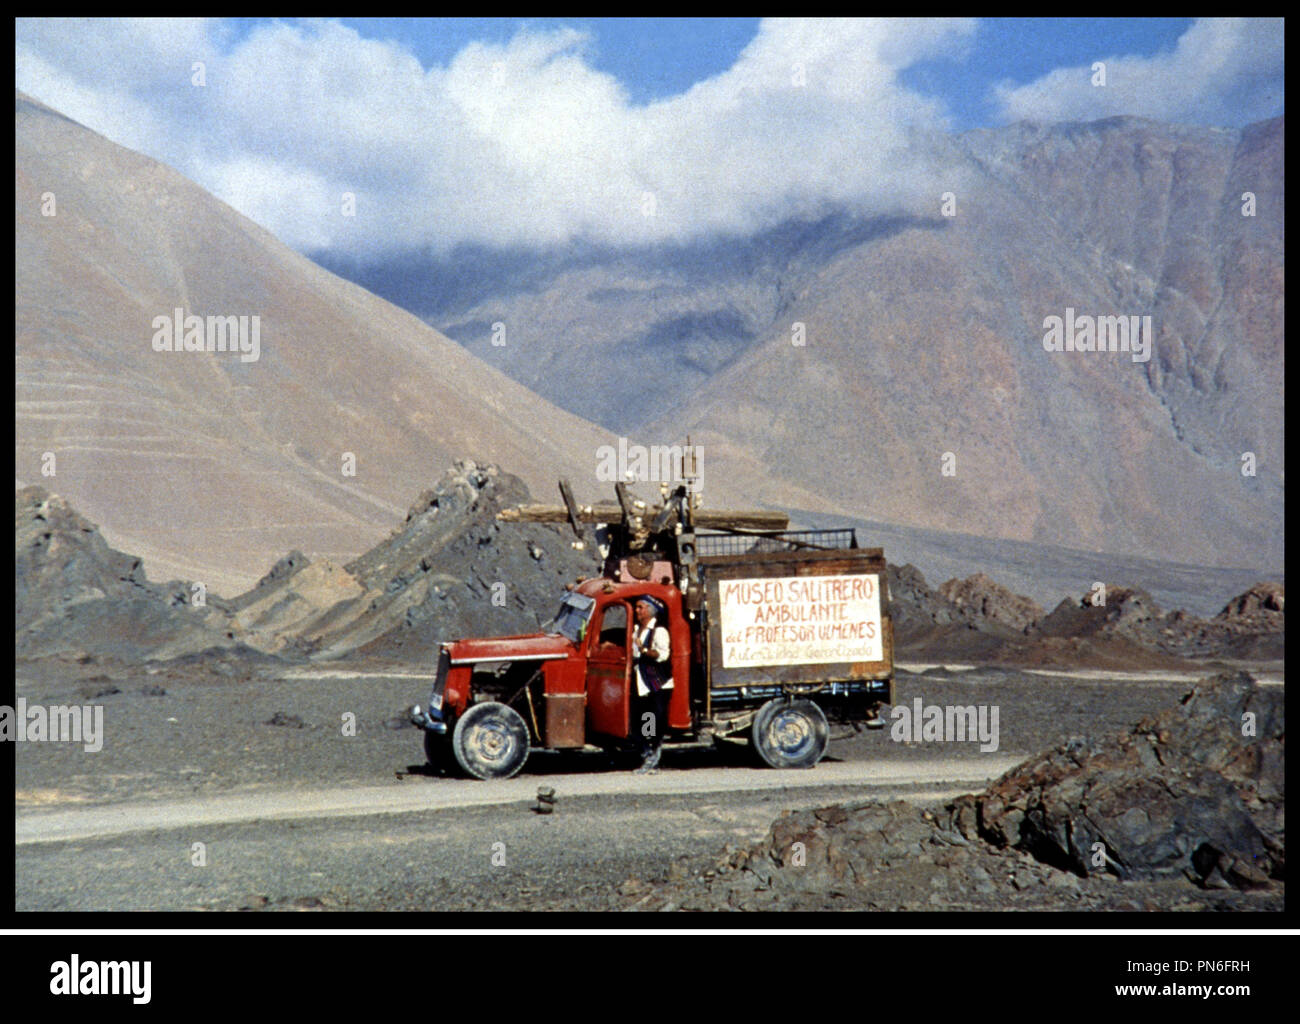 Prod DB © Cine XXL - Cartel - Paraiso Production / DR L'ENTHOUSIASME (el entusiasmo) de Ricardo P. Larraín 1998 ESP / CHILI / FRA desierto, montagnes, camion, road-movie Imagen De Stock